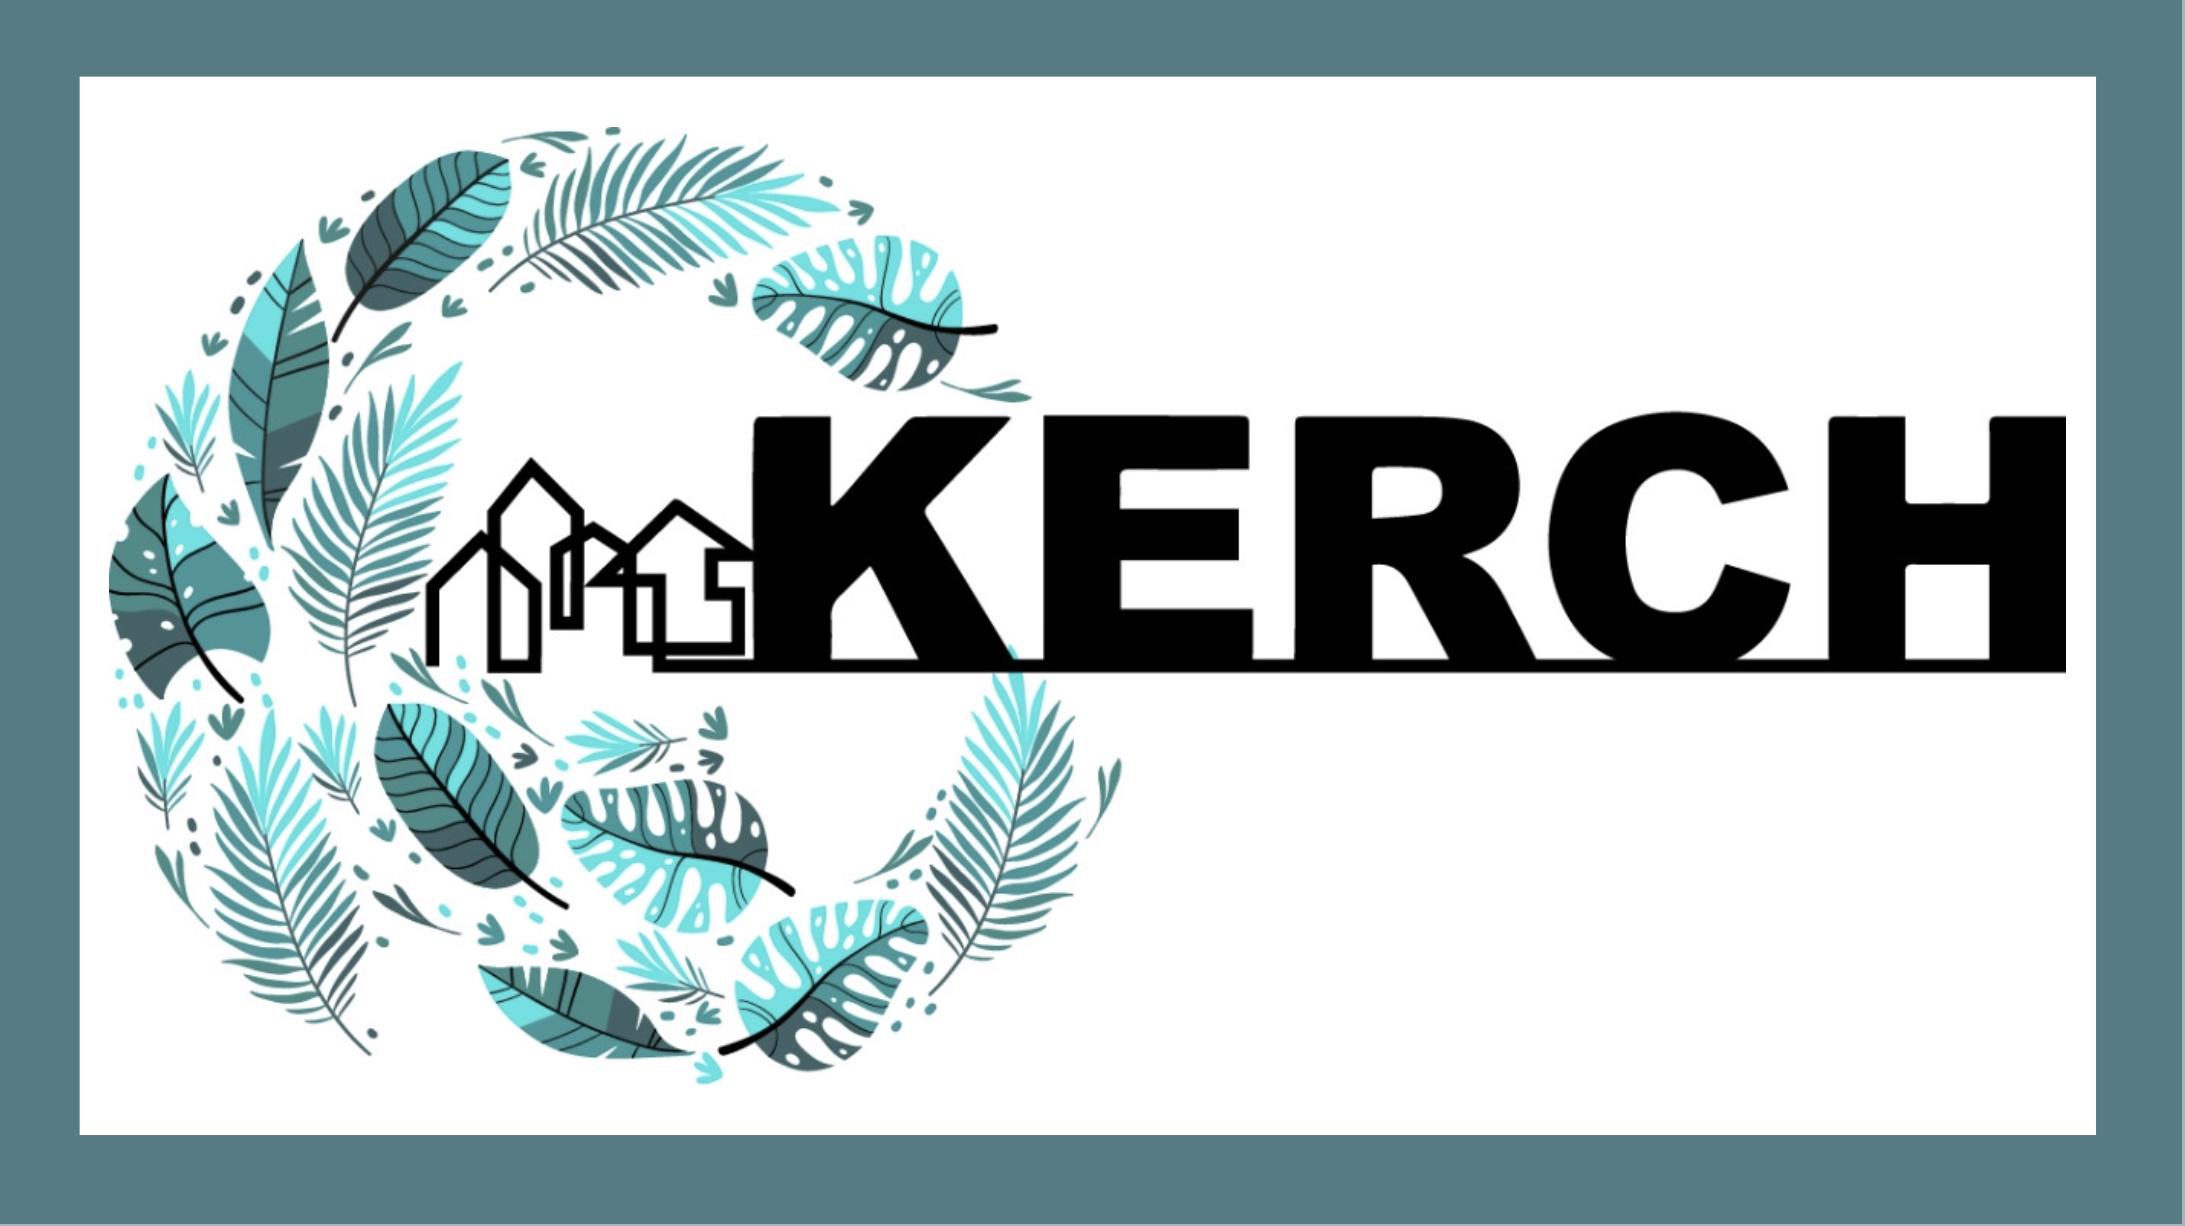 Administradora Kerch